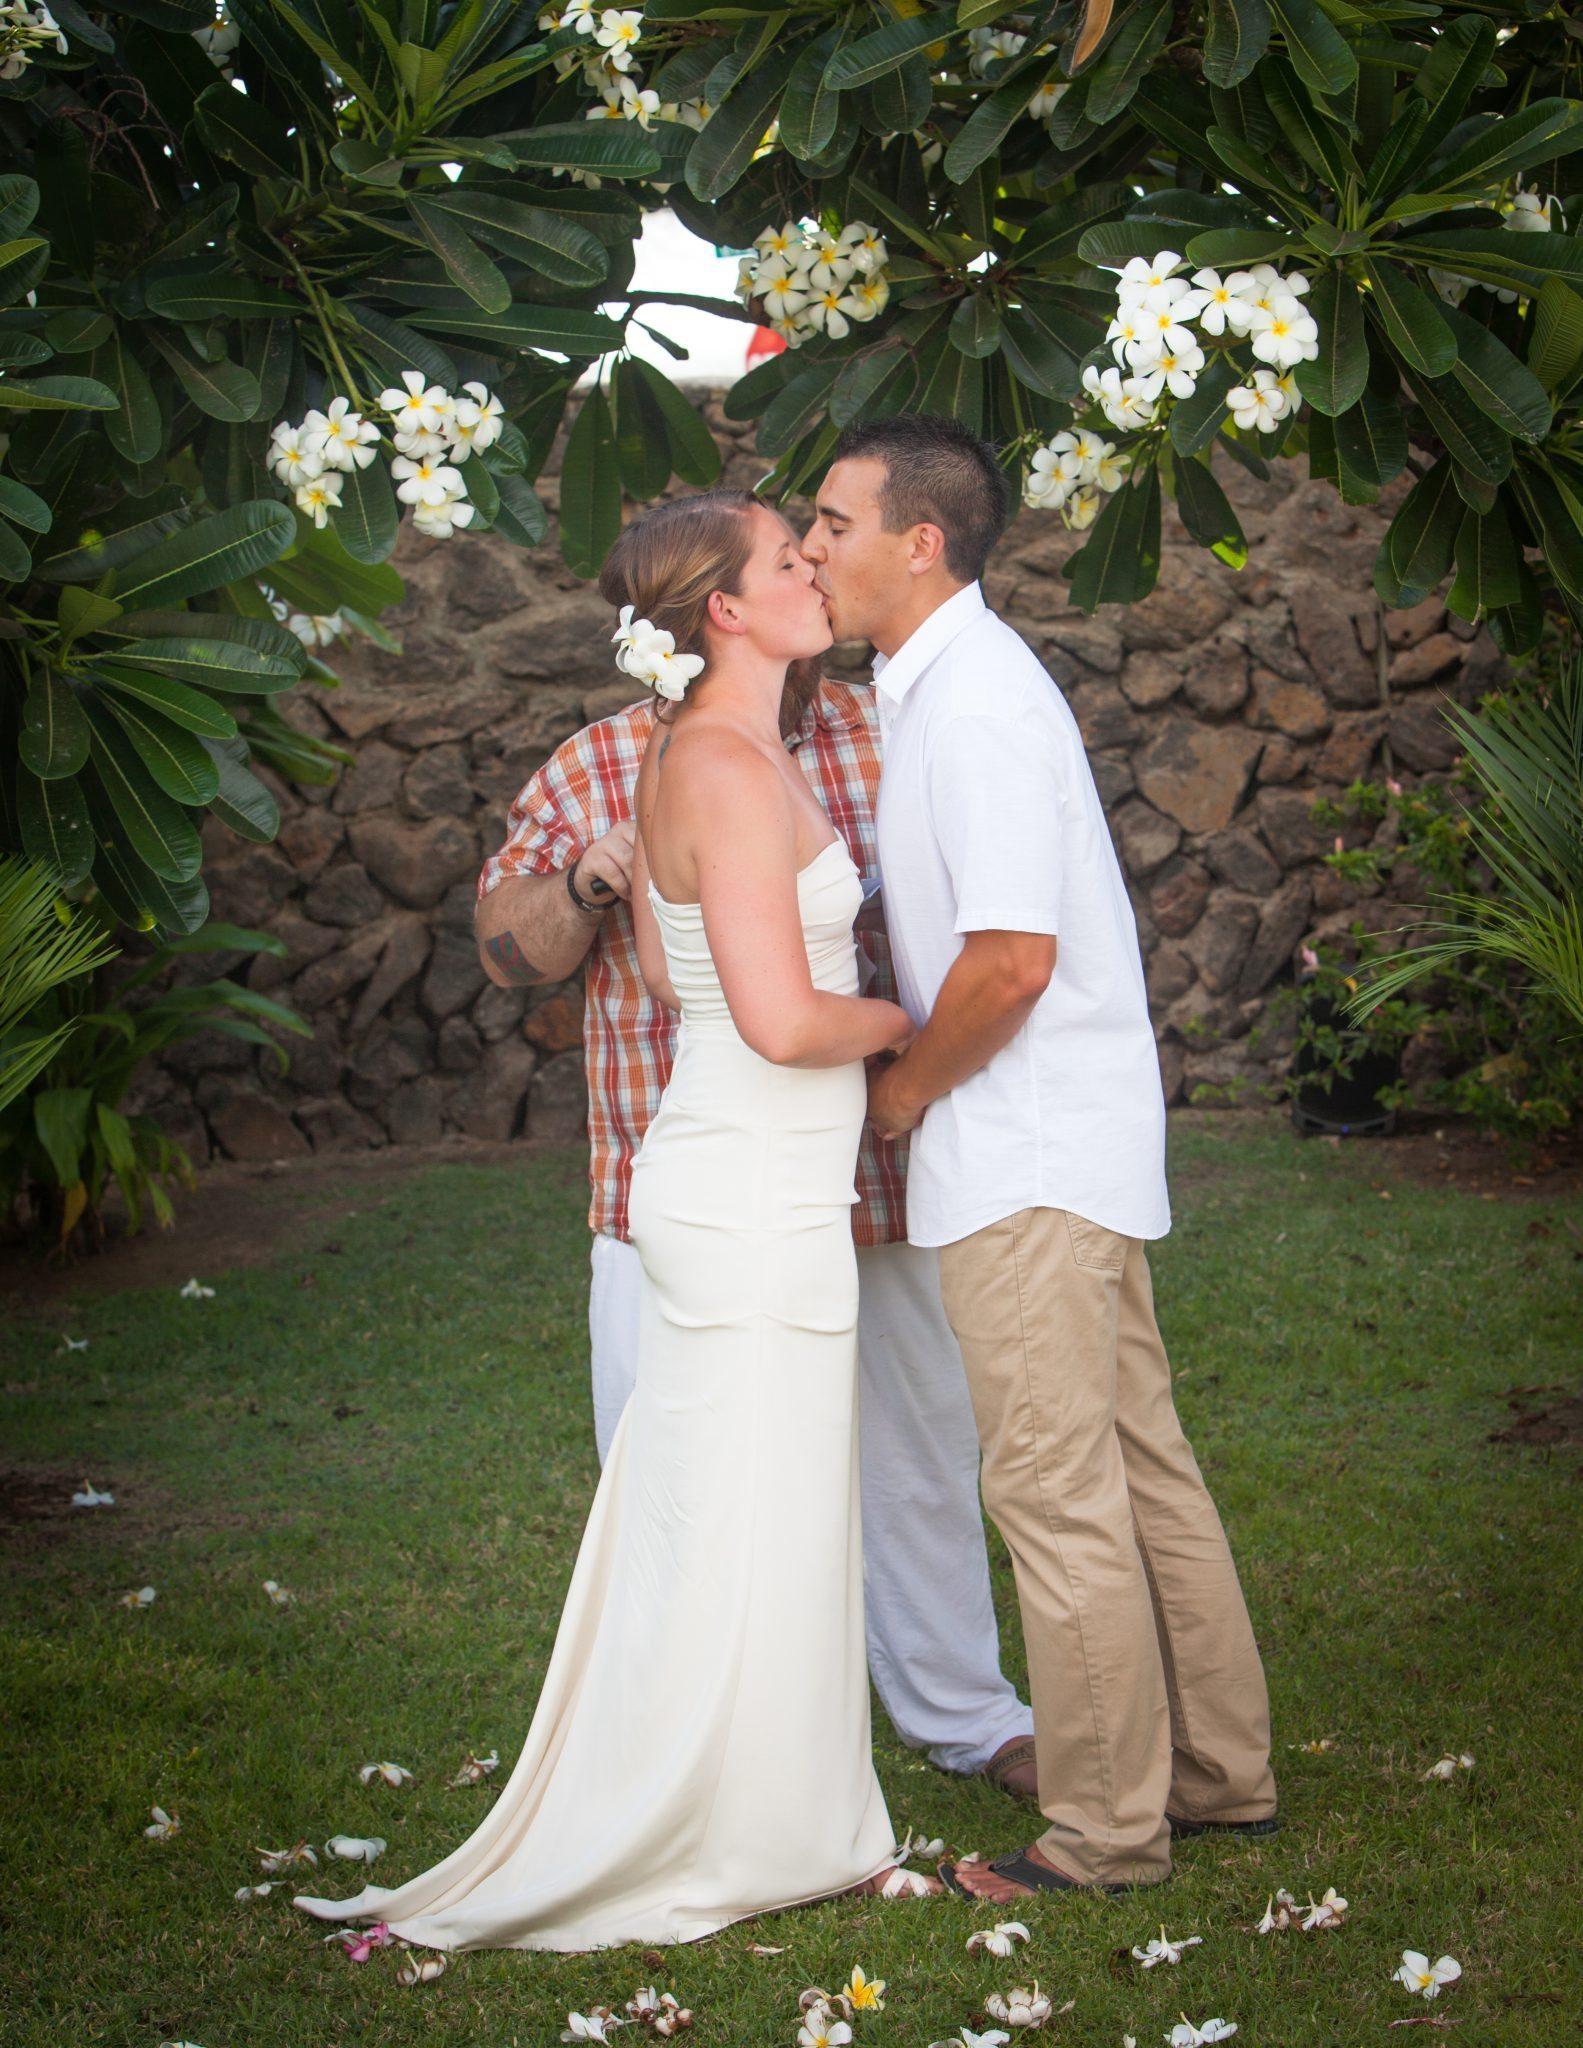 maui wedding photographer_behind the lens maui06.jpg